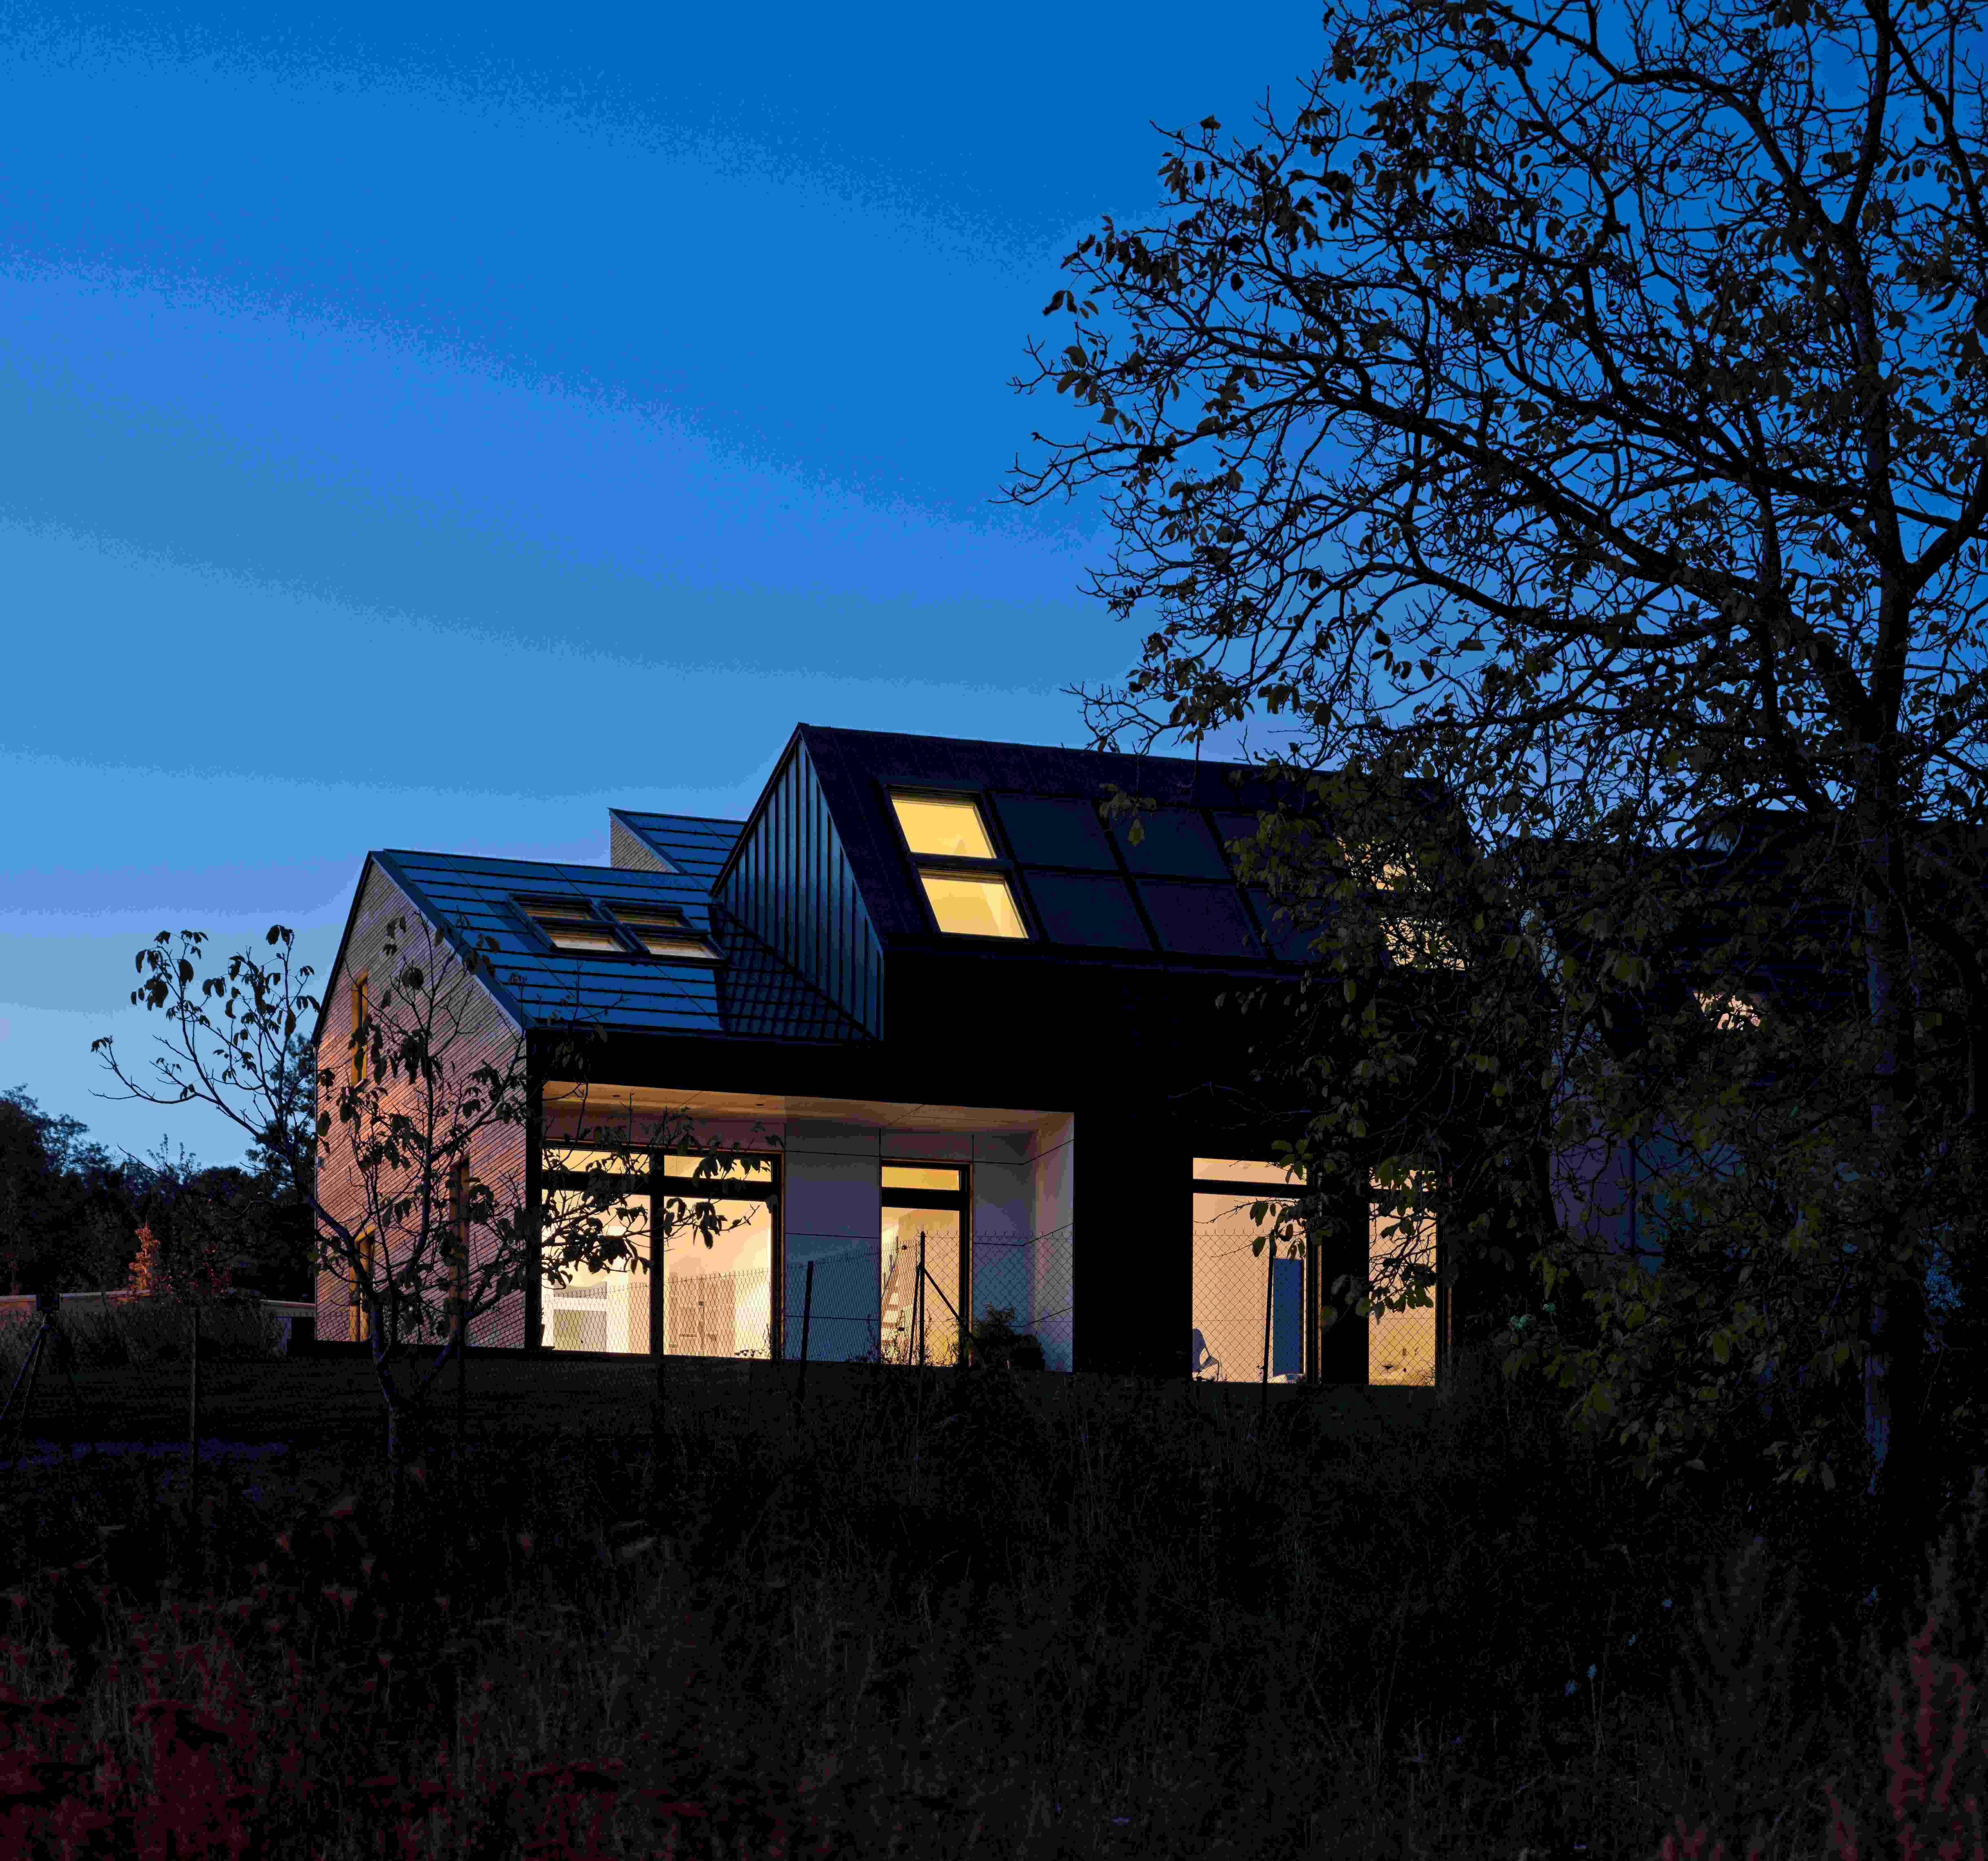 Maison air et lumi re velux model home 2020